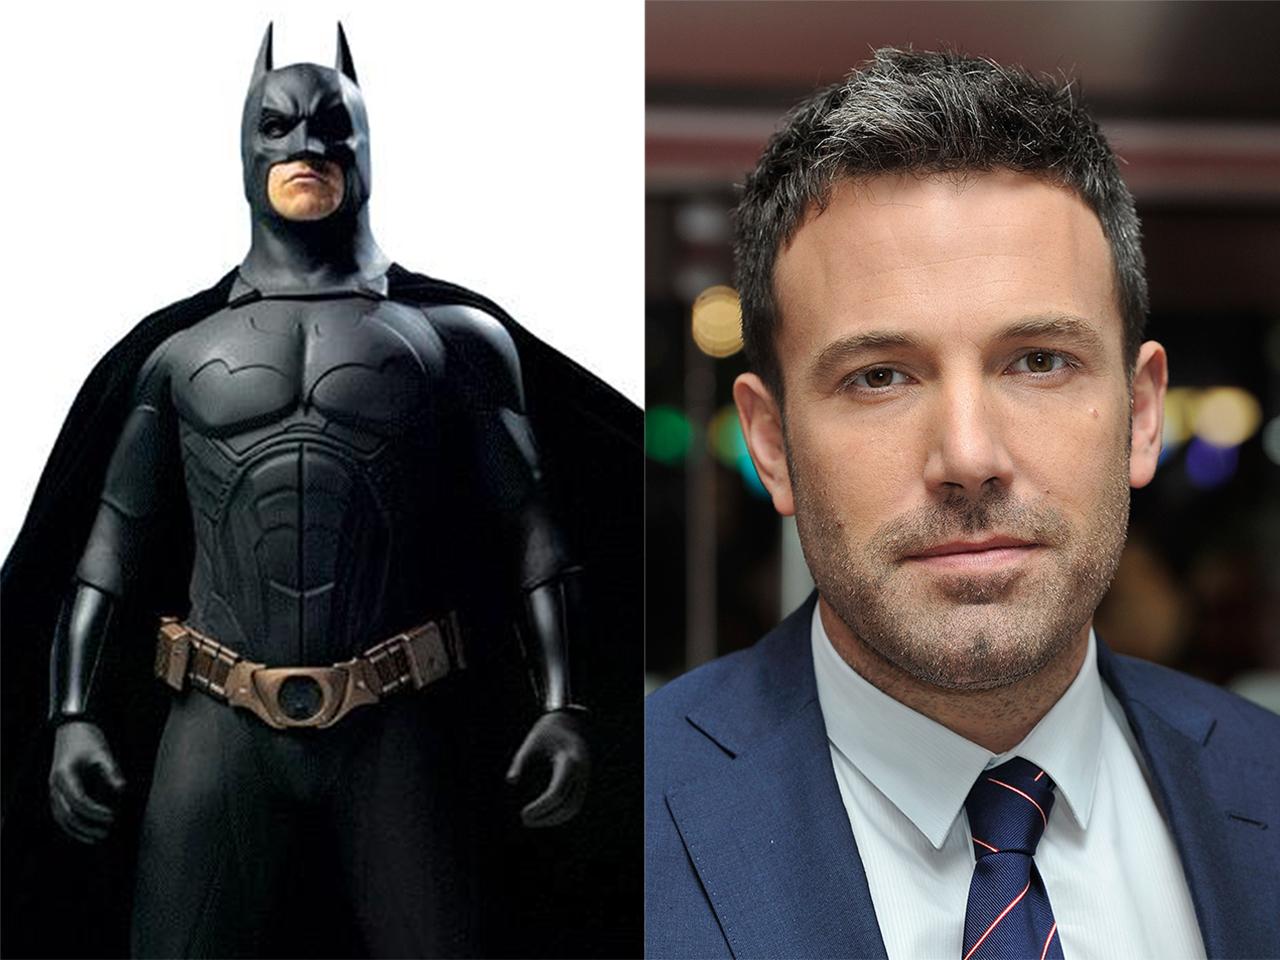 Ben affleck will batman man